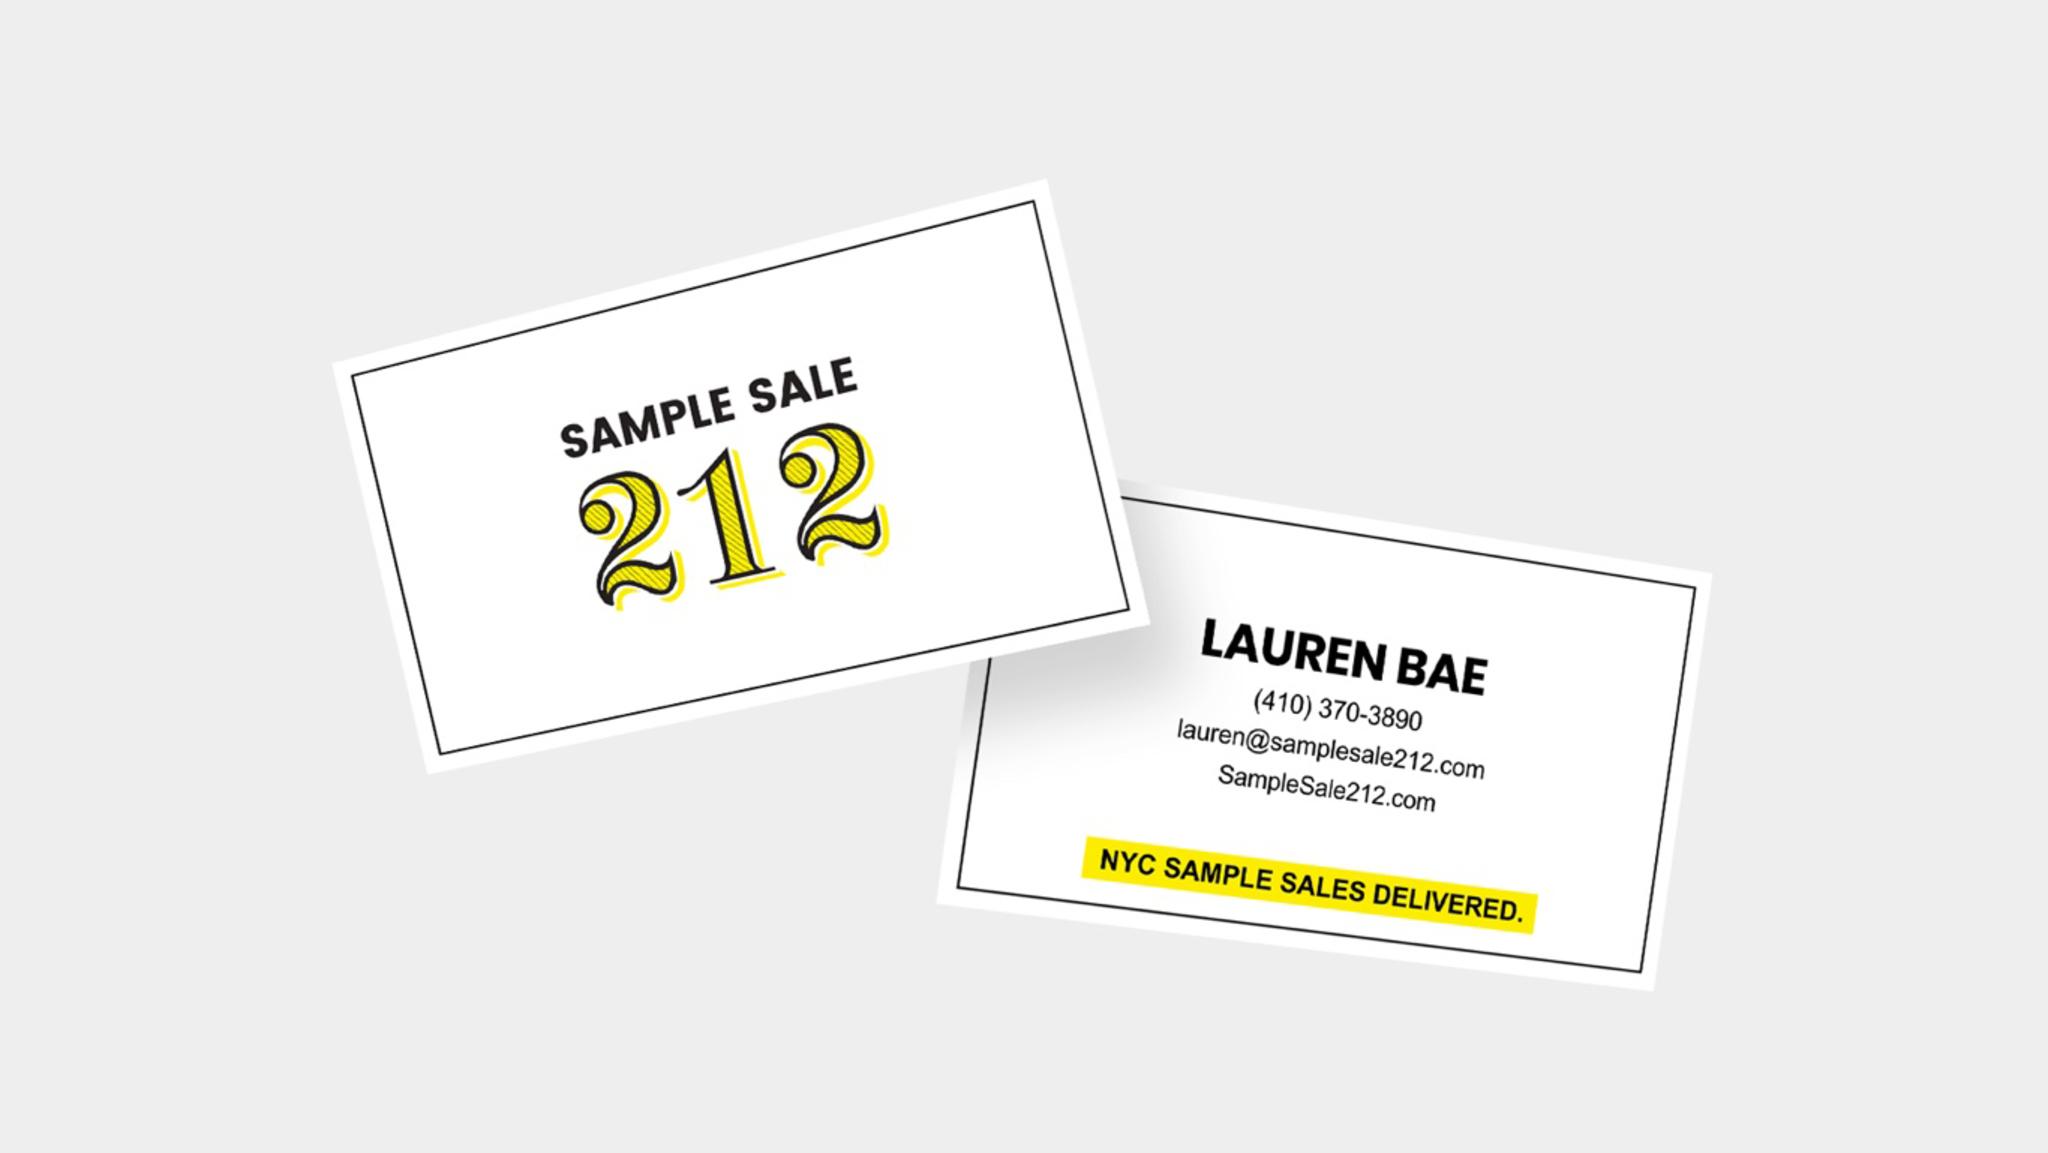 Sample Sale 212 - Design